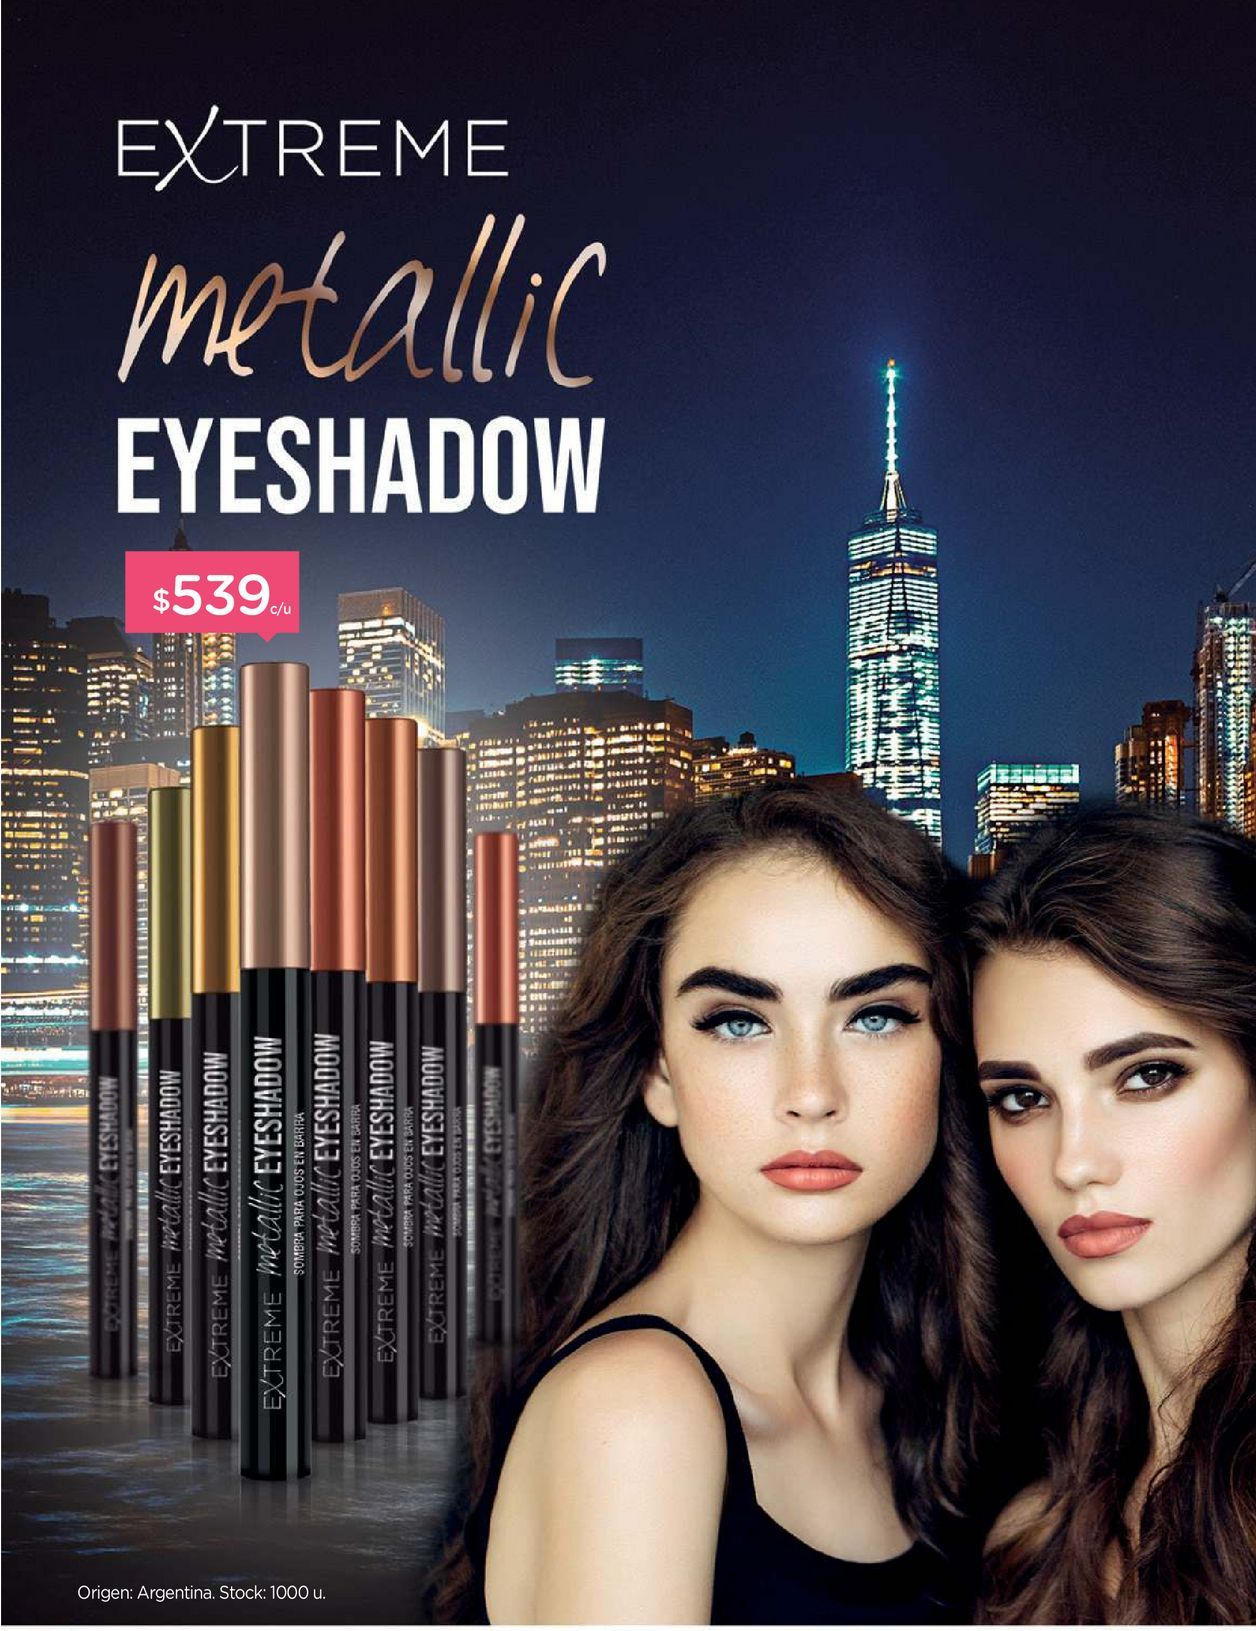 Oferta de Sombra de Ojos en Barra Extreme Metallic Eyeshadow Gold Shimmer por $539